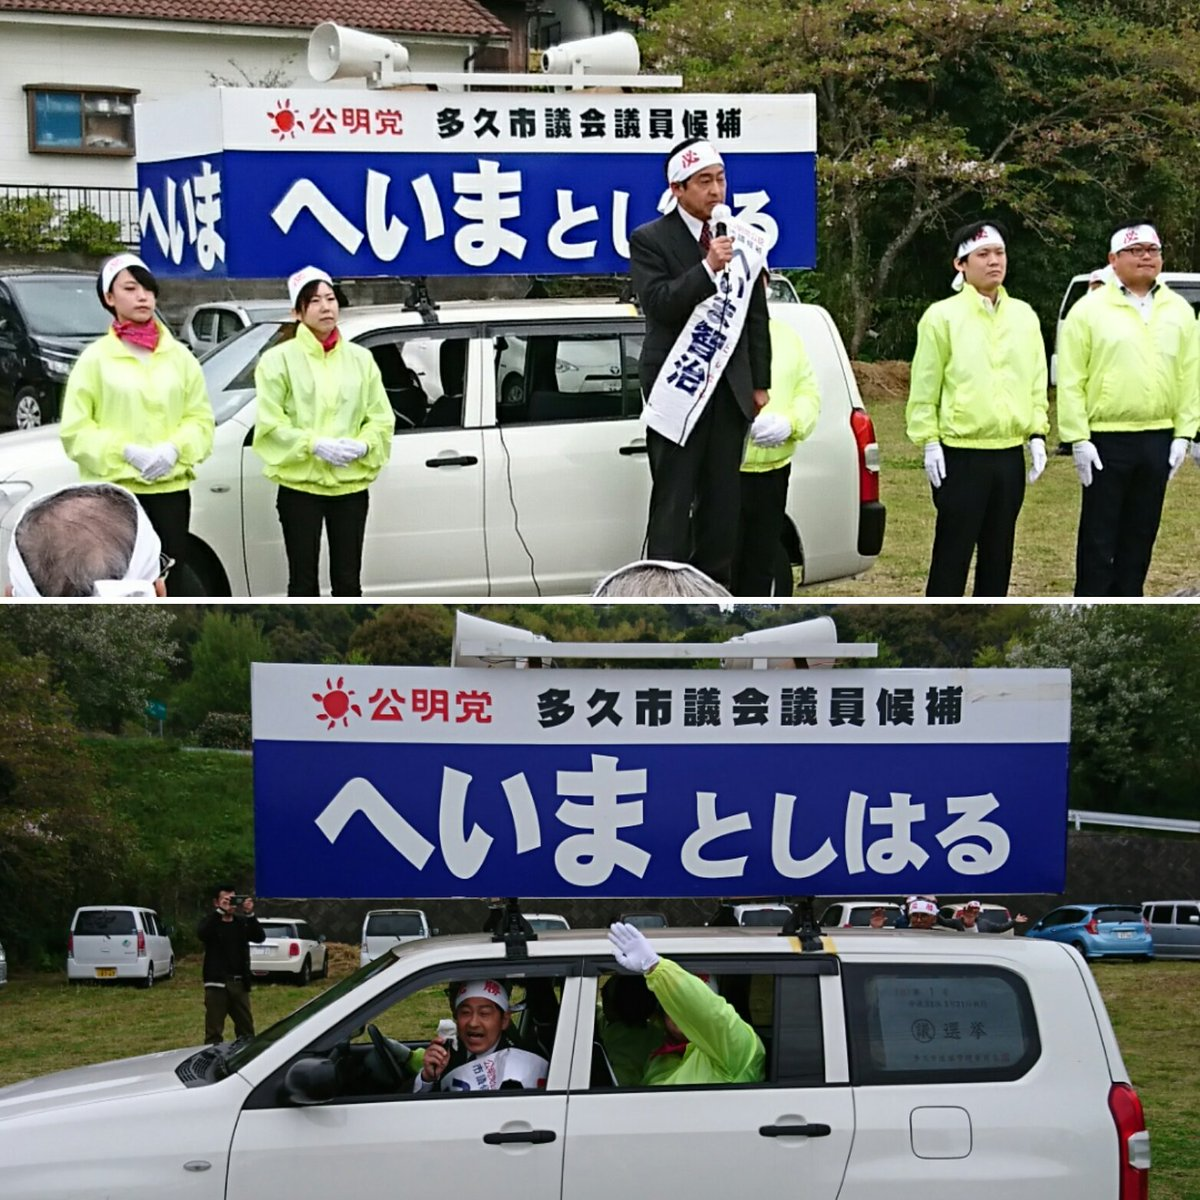 4月14日市議会議員選挙告示日☆&lt;br /&gt;&lt;br /&gt;<br /> 『へいま』候補は、水道料金の値下げを実現。ふれあいタクシーの運行で交通弱者対策に尽力しました。